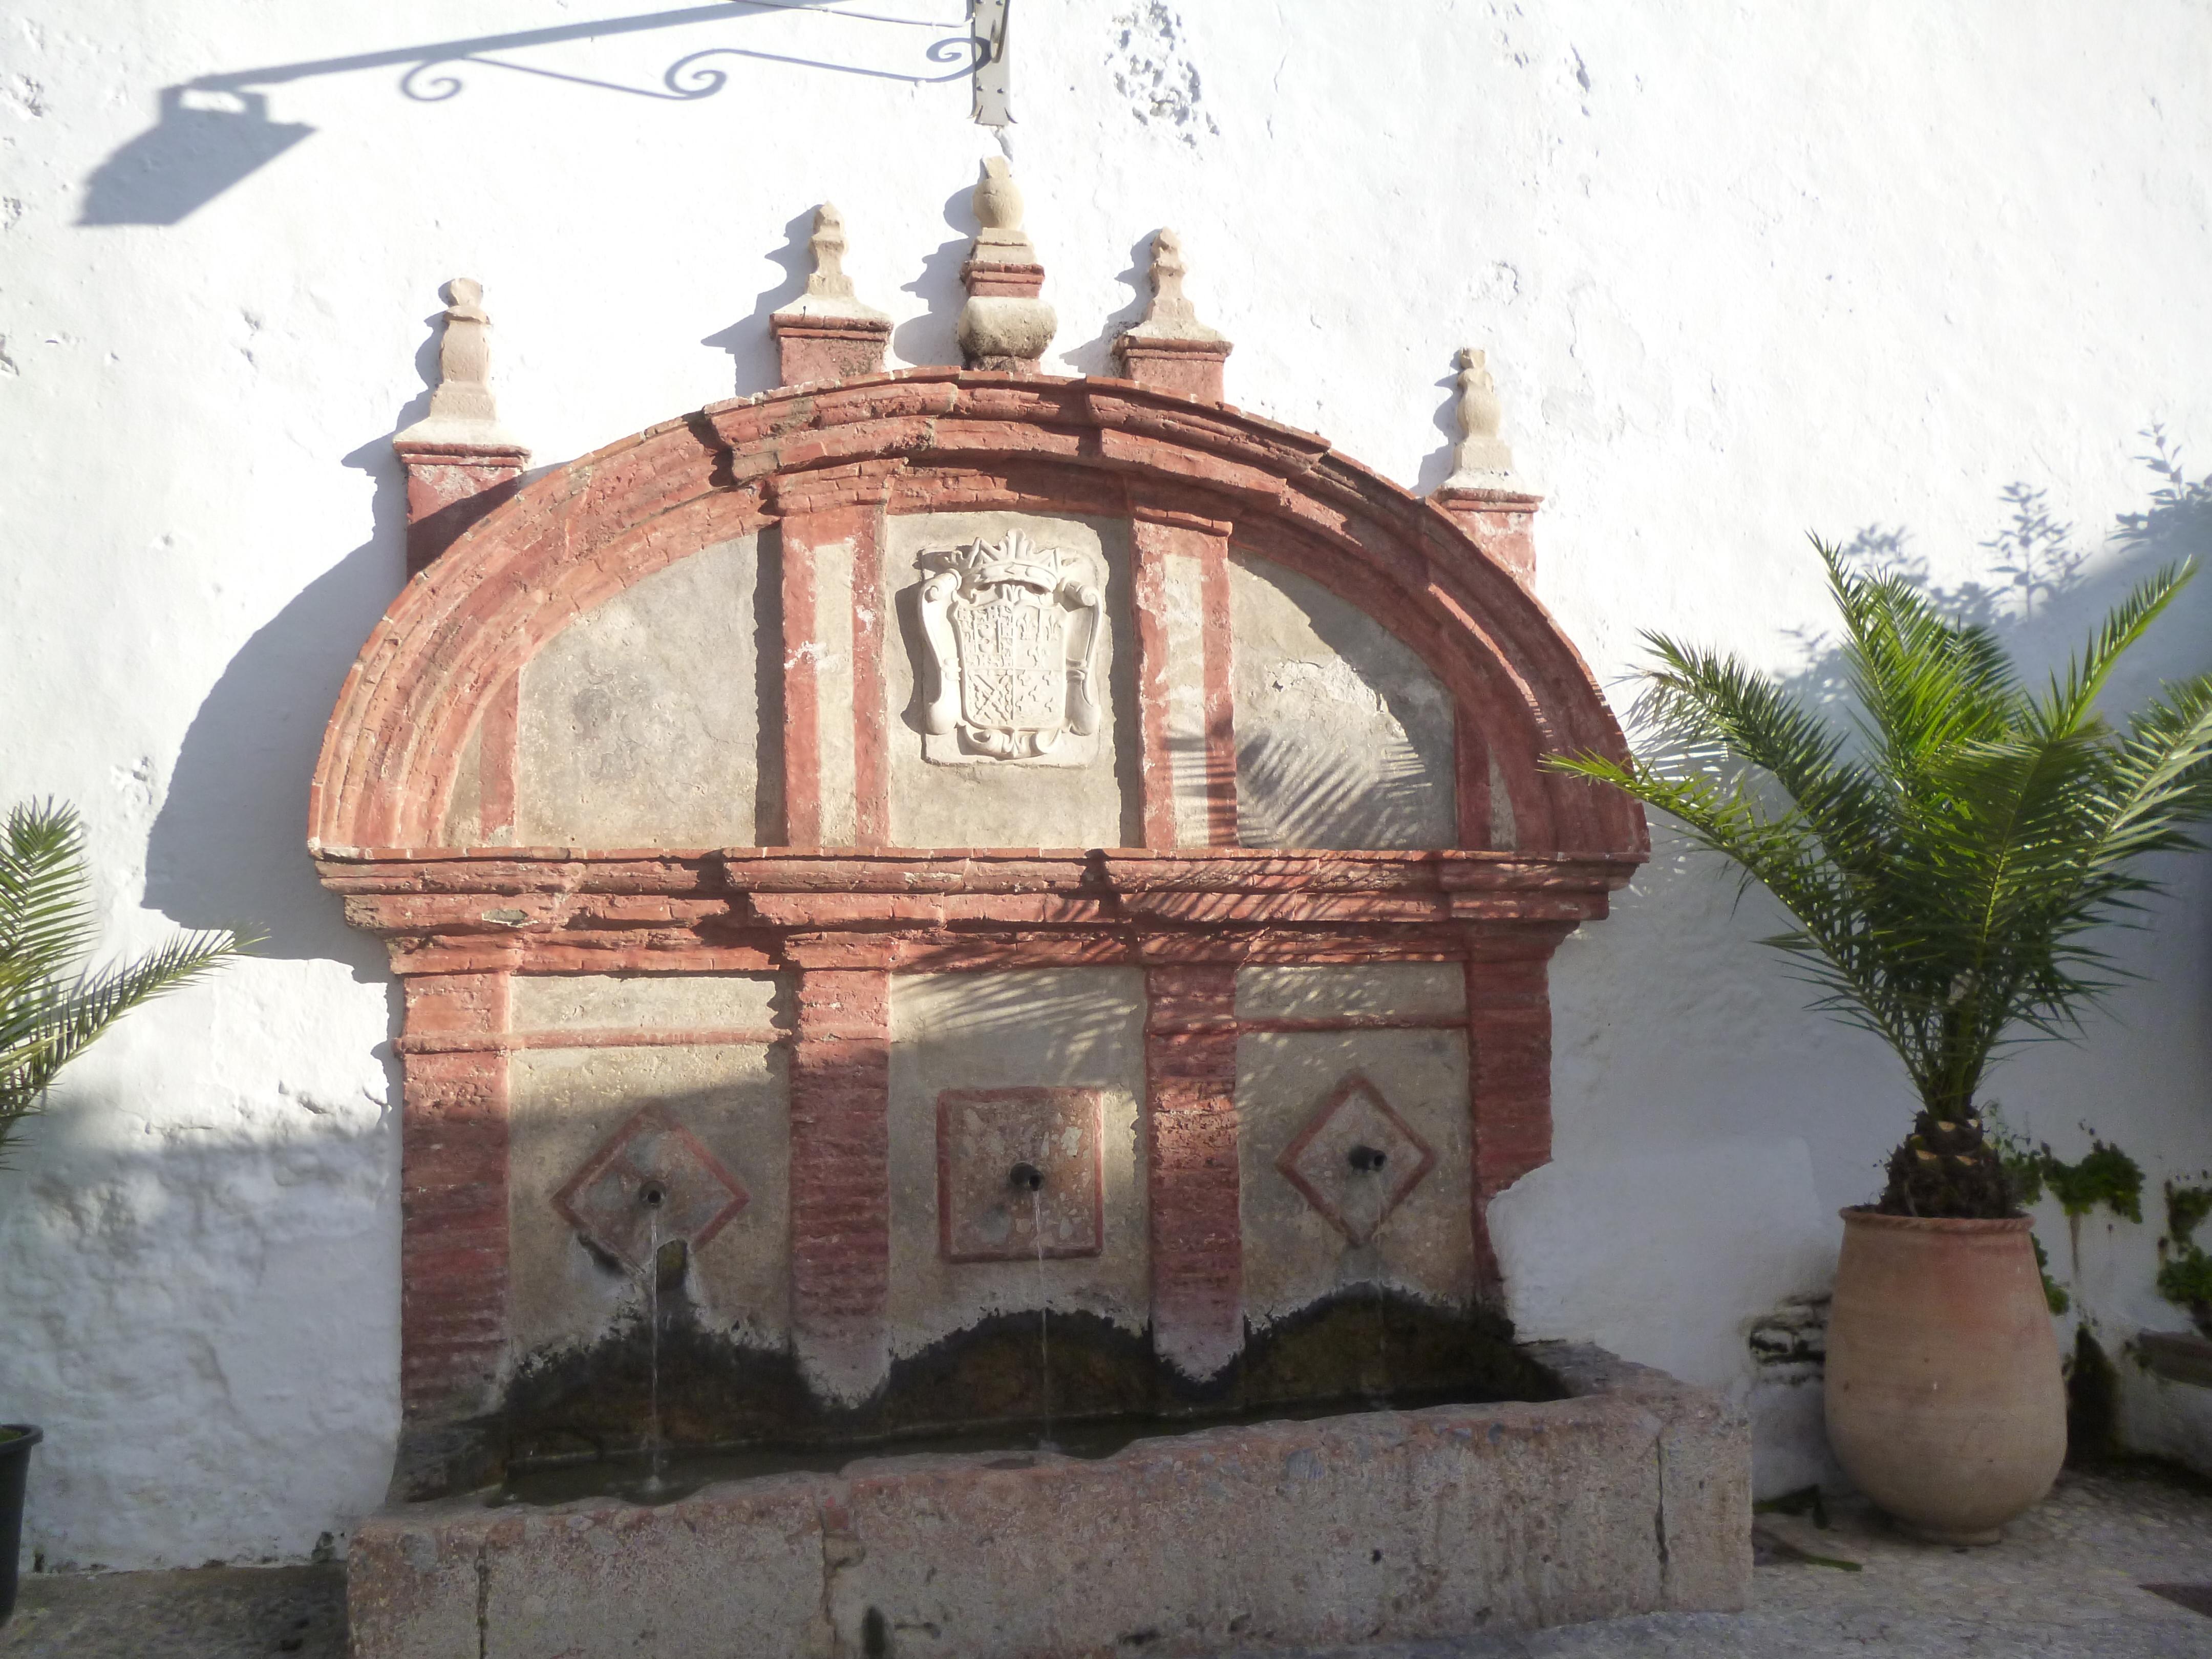 la vieille fontaine, sans source pas d'implantation villageoise